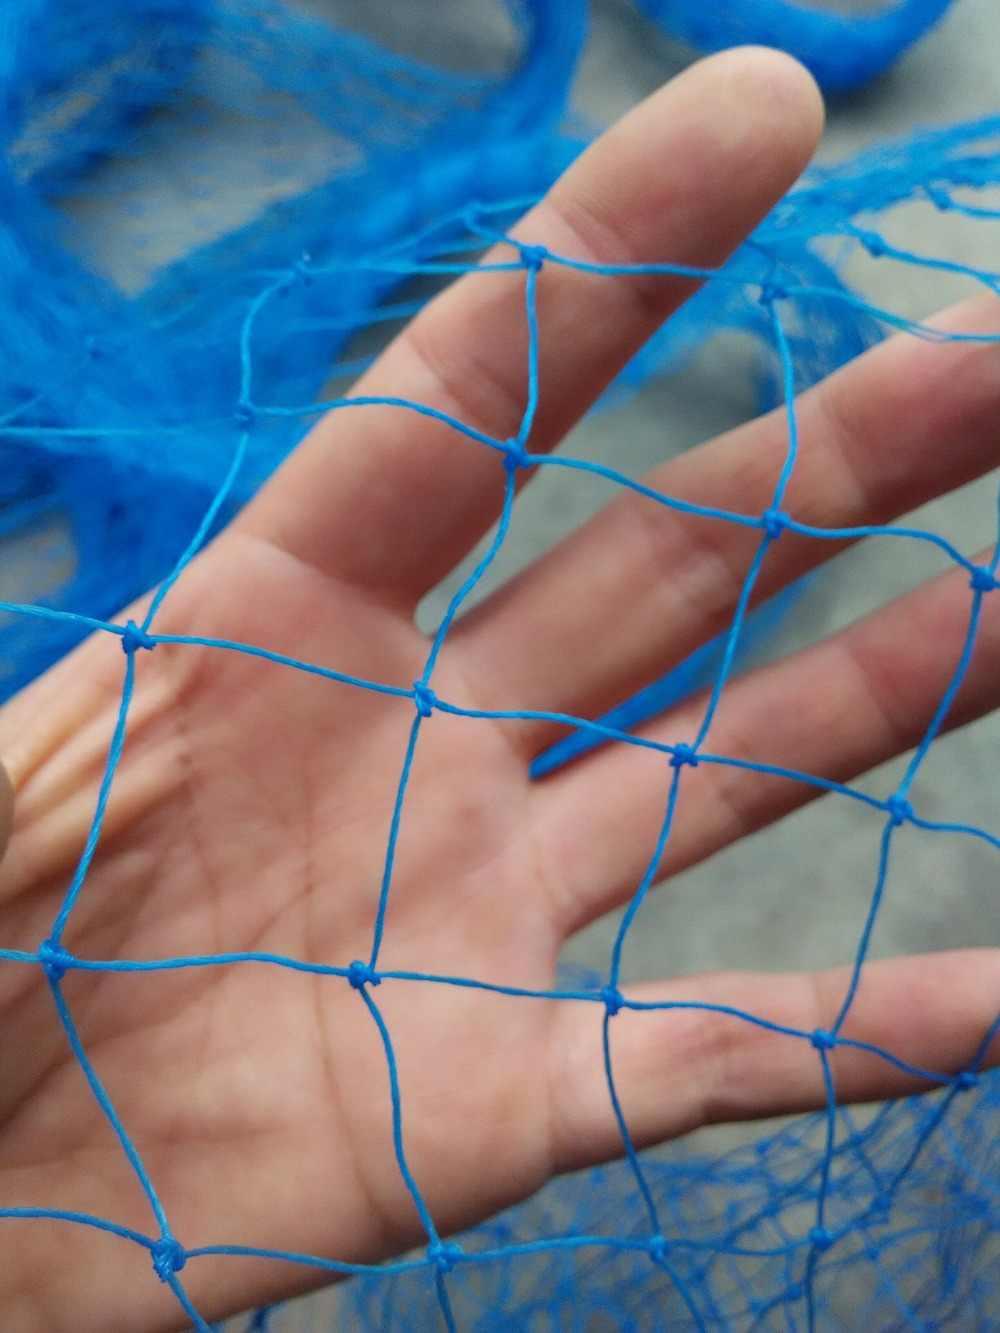 1.5*5 M Trắng Đen Sân Vườn Vật Có Hoa Dây Leo Leo Lưới Một Hàng Rào Lưới Gia Cầm Chăn Nuôi Gà Lôi Gà Hàng Rào làm Vườn Lưới